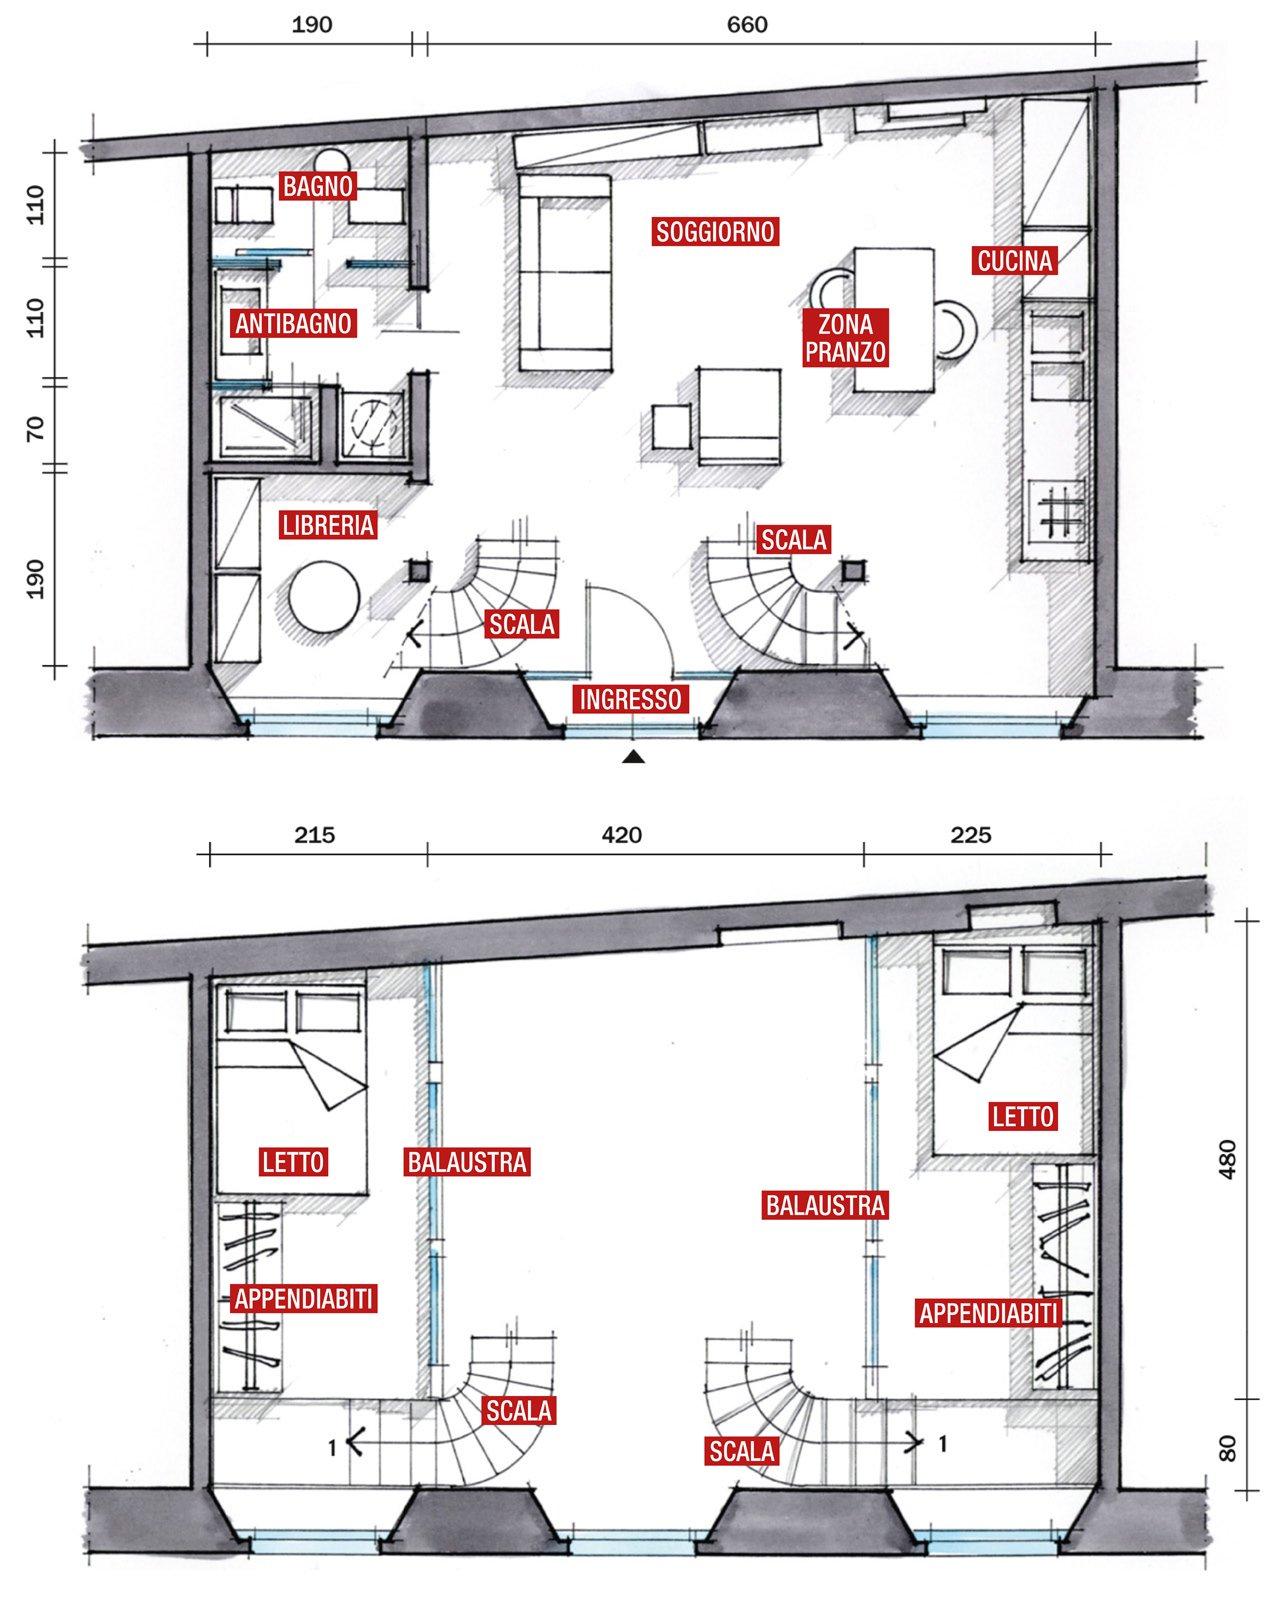 Mini loft la casa recupera spazio con nuovi soppalchi for Moderni disegni di case a due piani